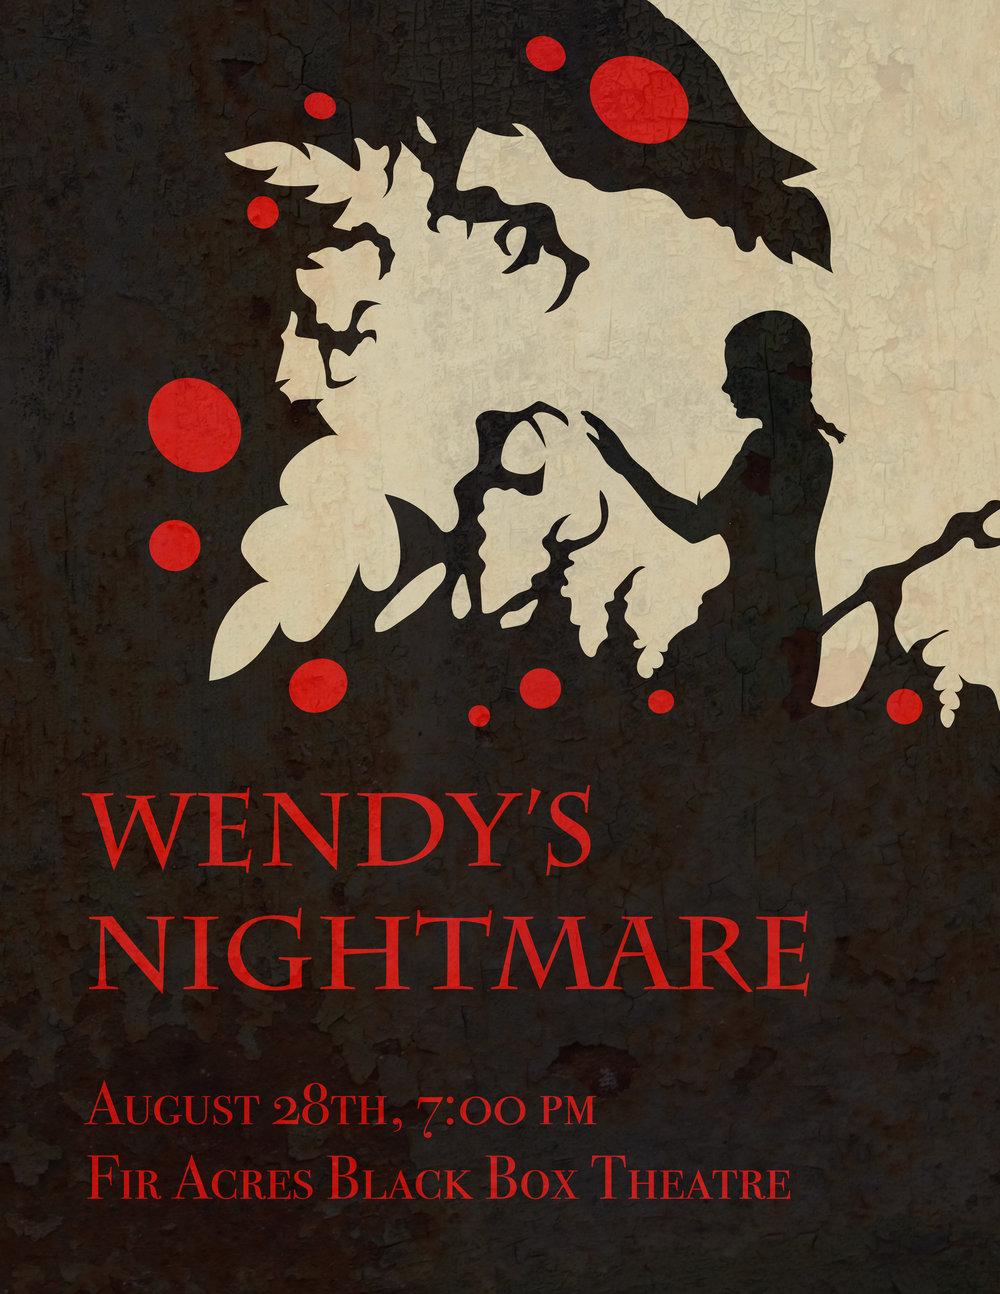 Wendys Nightmare.jpg